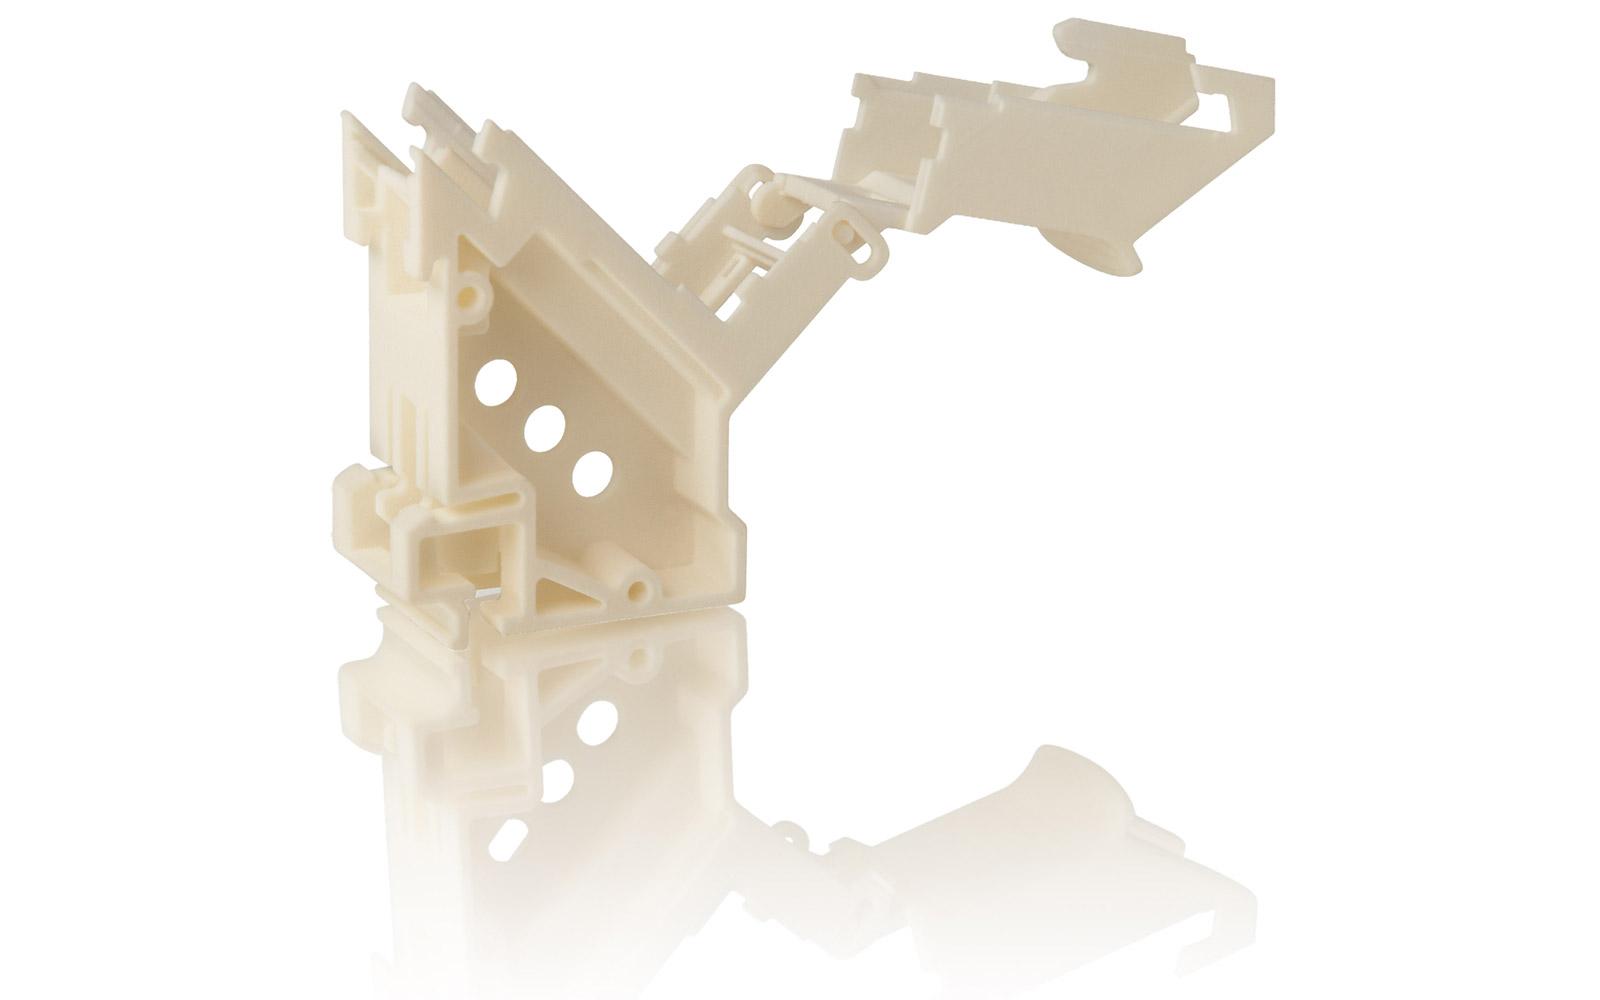 Prototypen nach Mass, produziert von Von Allmen AG, Pfäffikon ZH, Schweiz